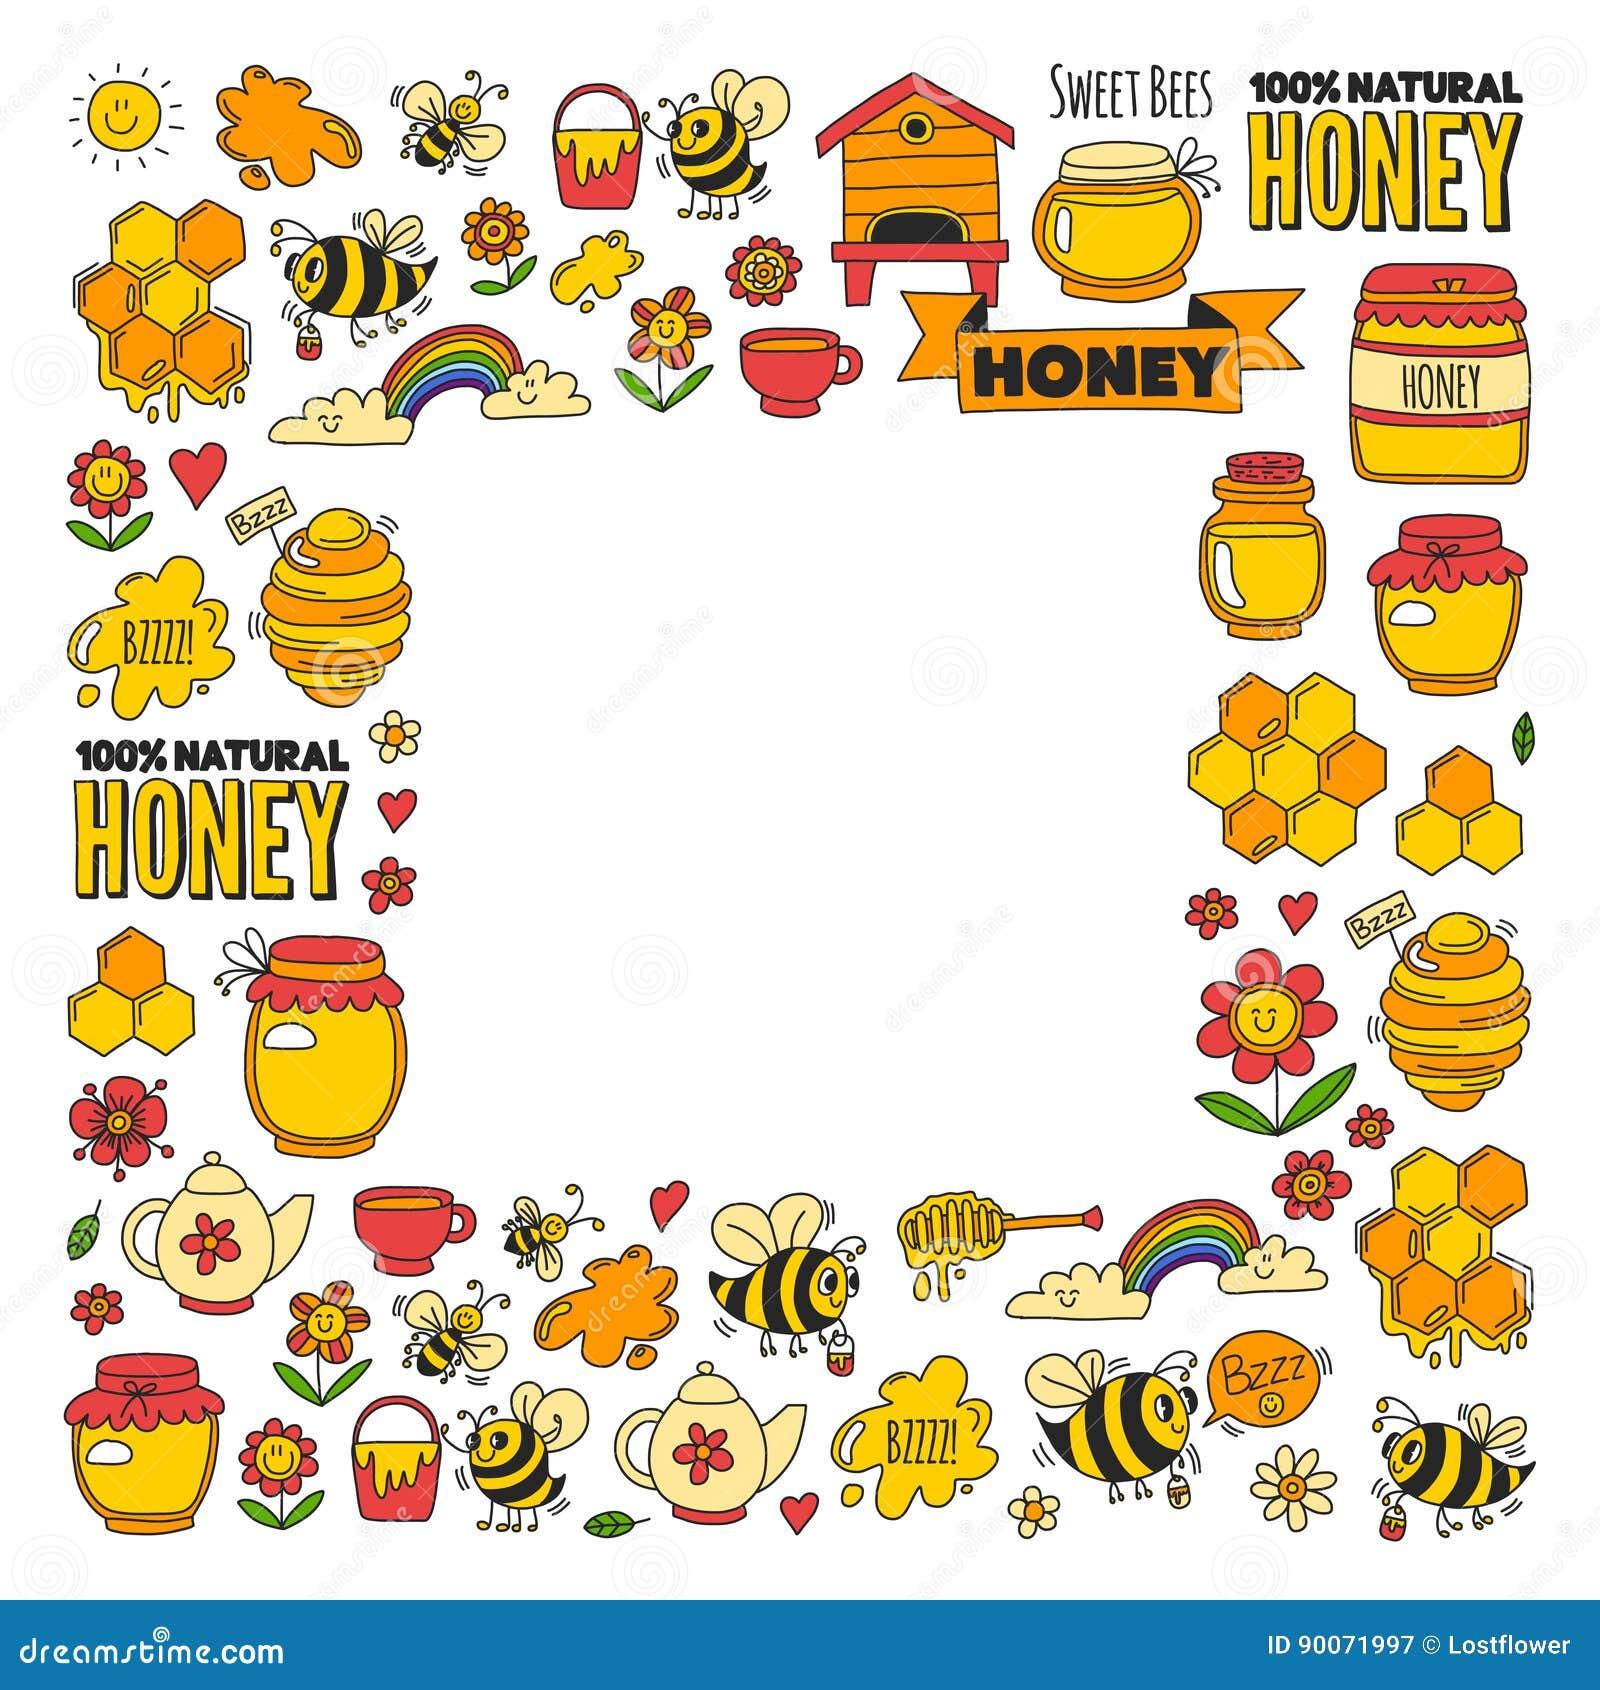 Honigmarkt, Basar, Honig angemessene Gekritzelbilder von Bienen, Blumen, Gläser, Bienenwabe, Bienenstock, Stelle, das Fass mit Be